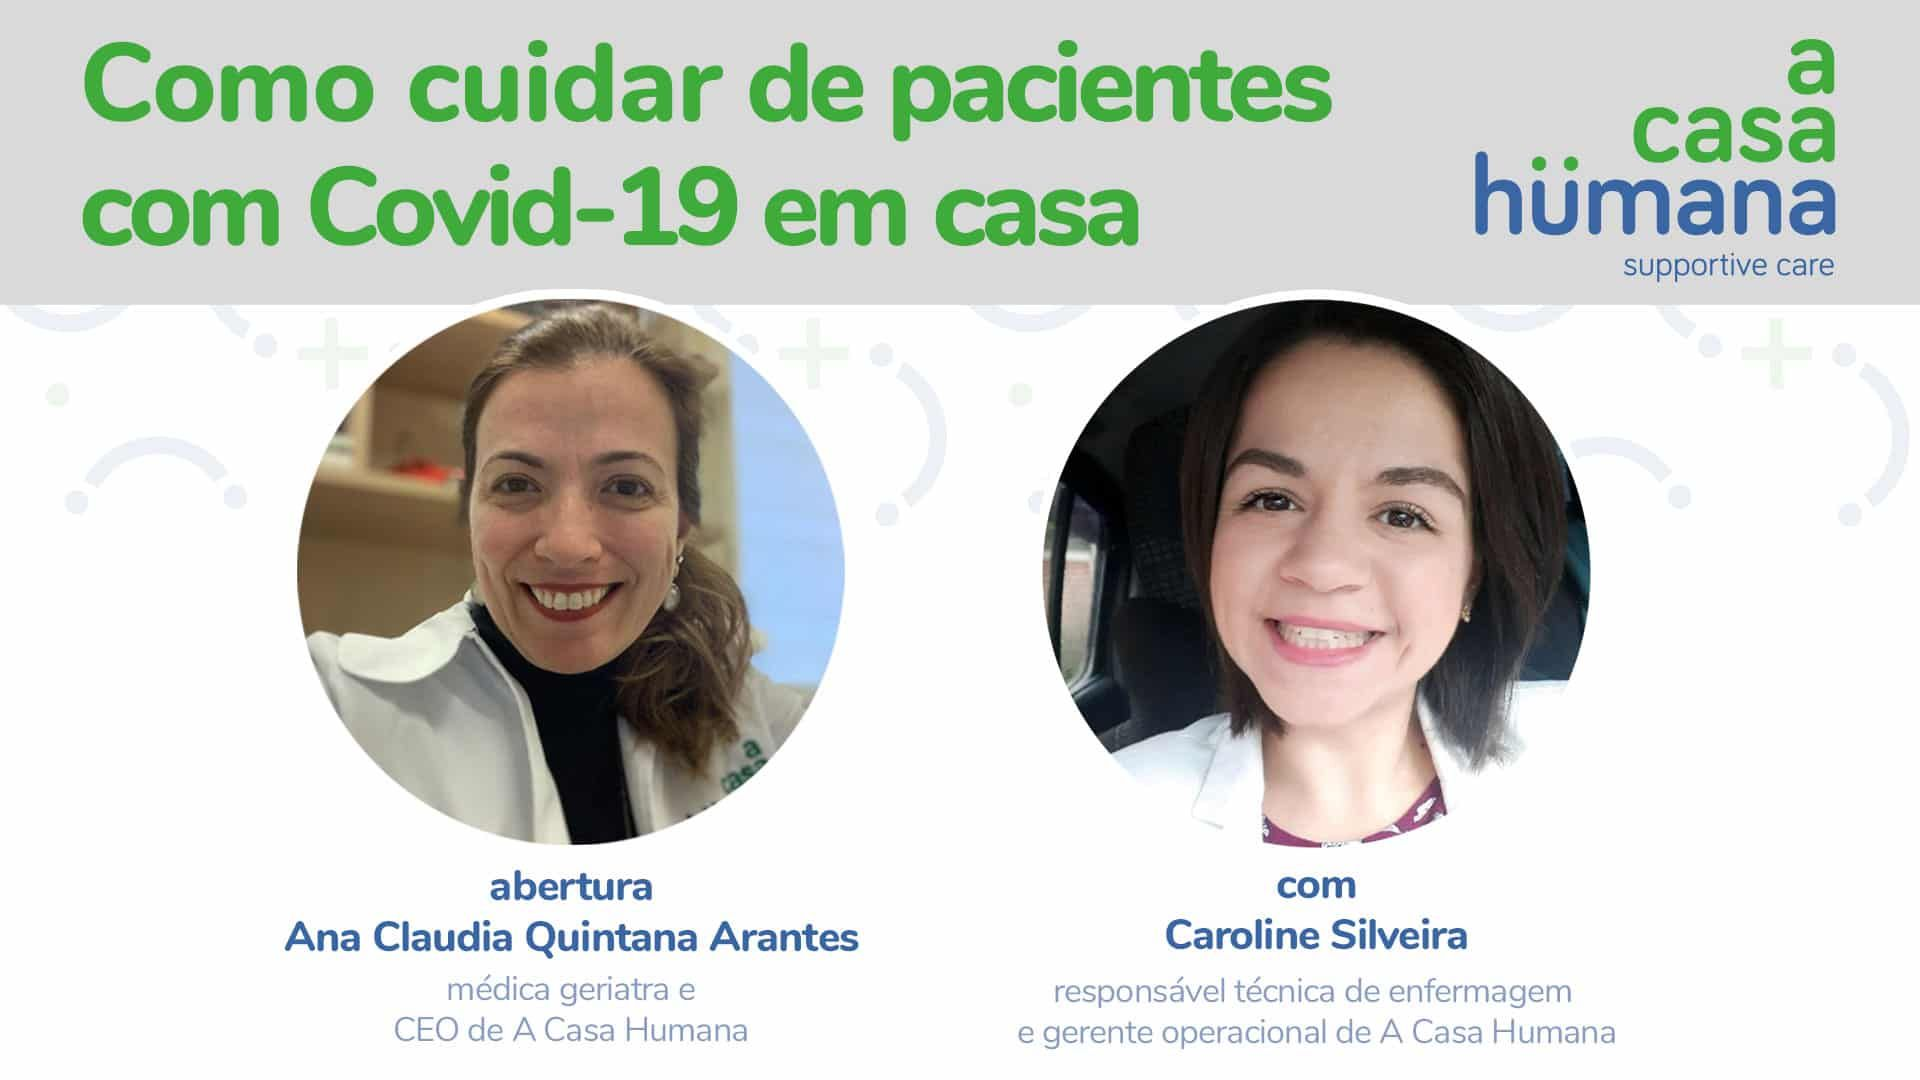 Como cuidar de pacientes com Covid-19 em casa